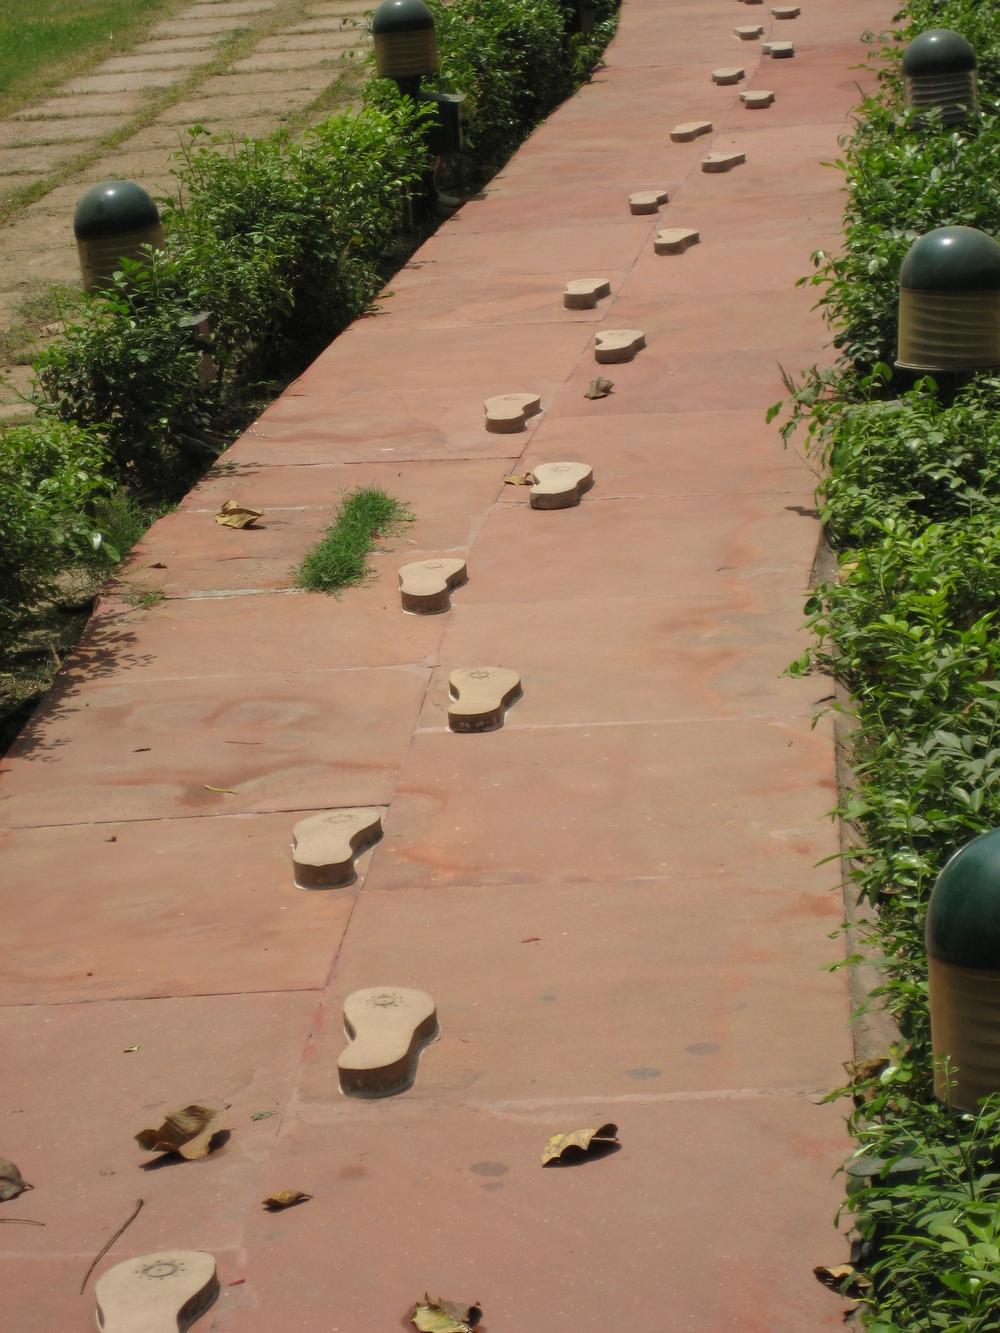 Ghandi's last steps, New Delhi